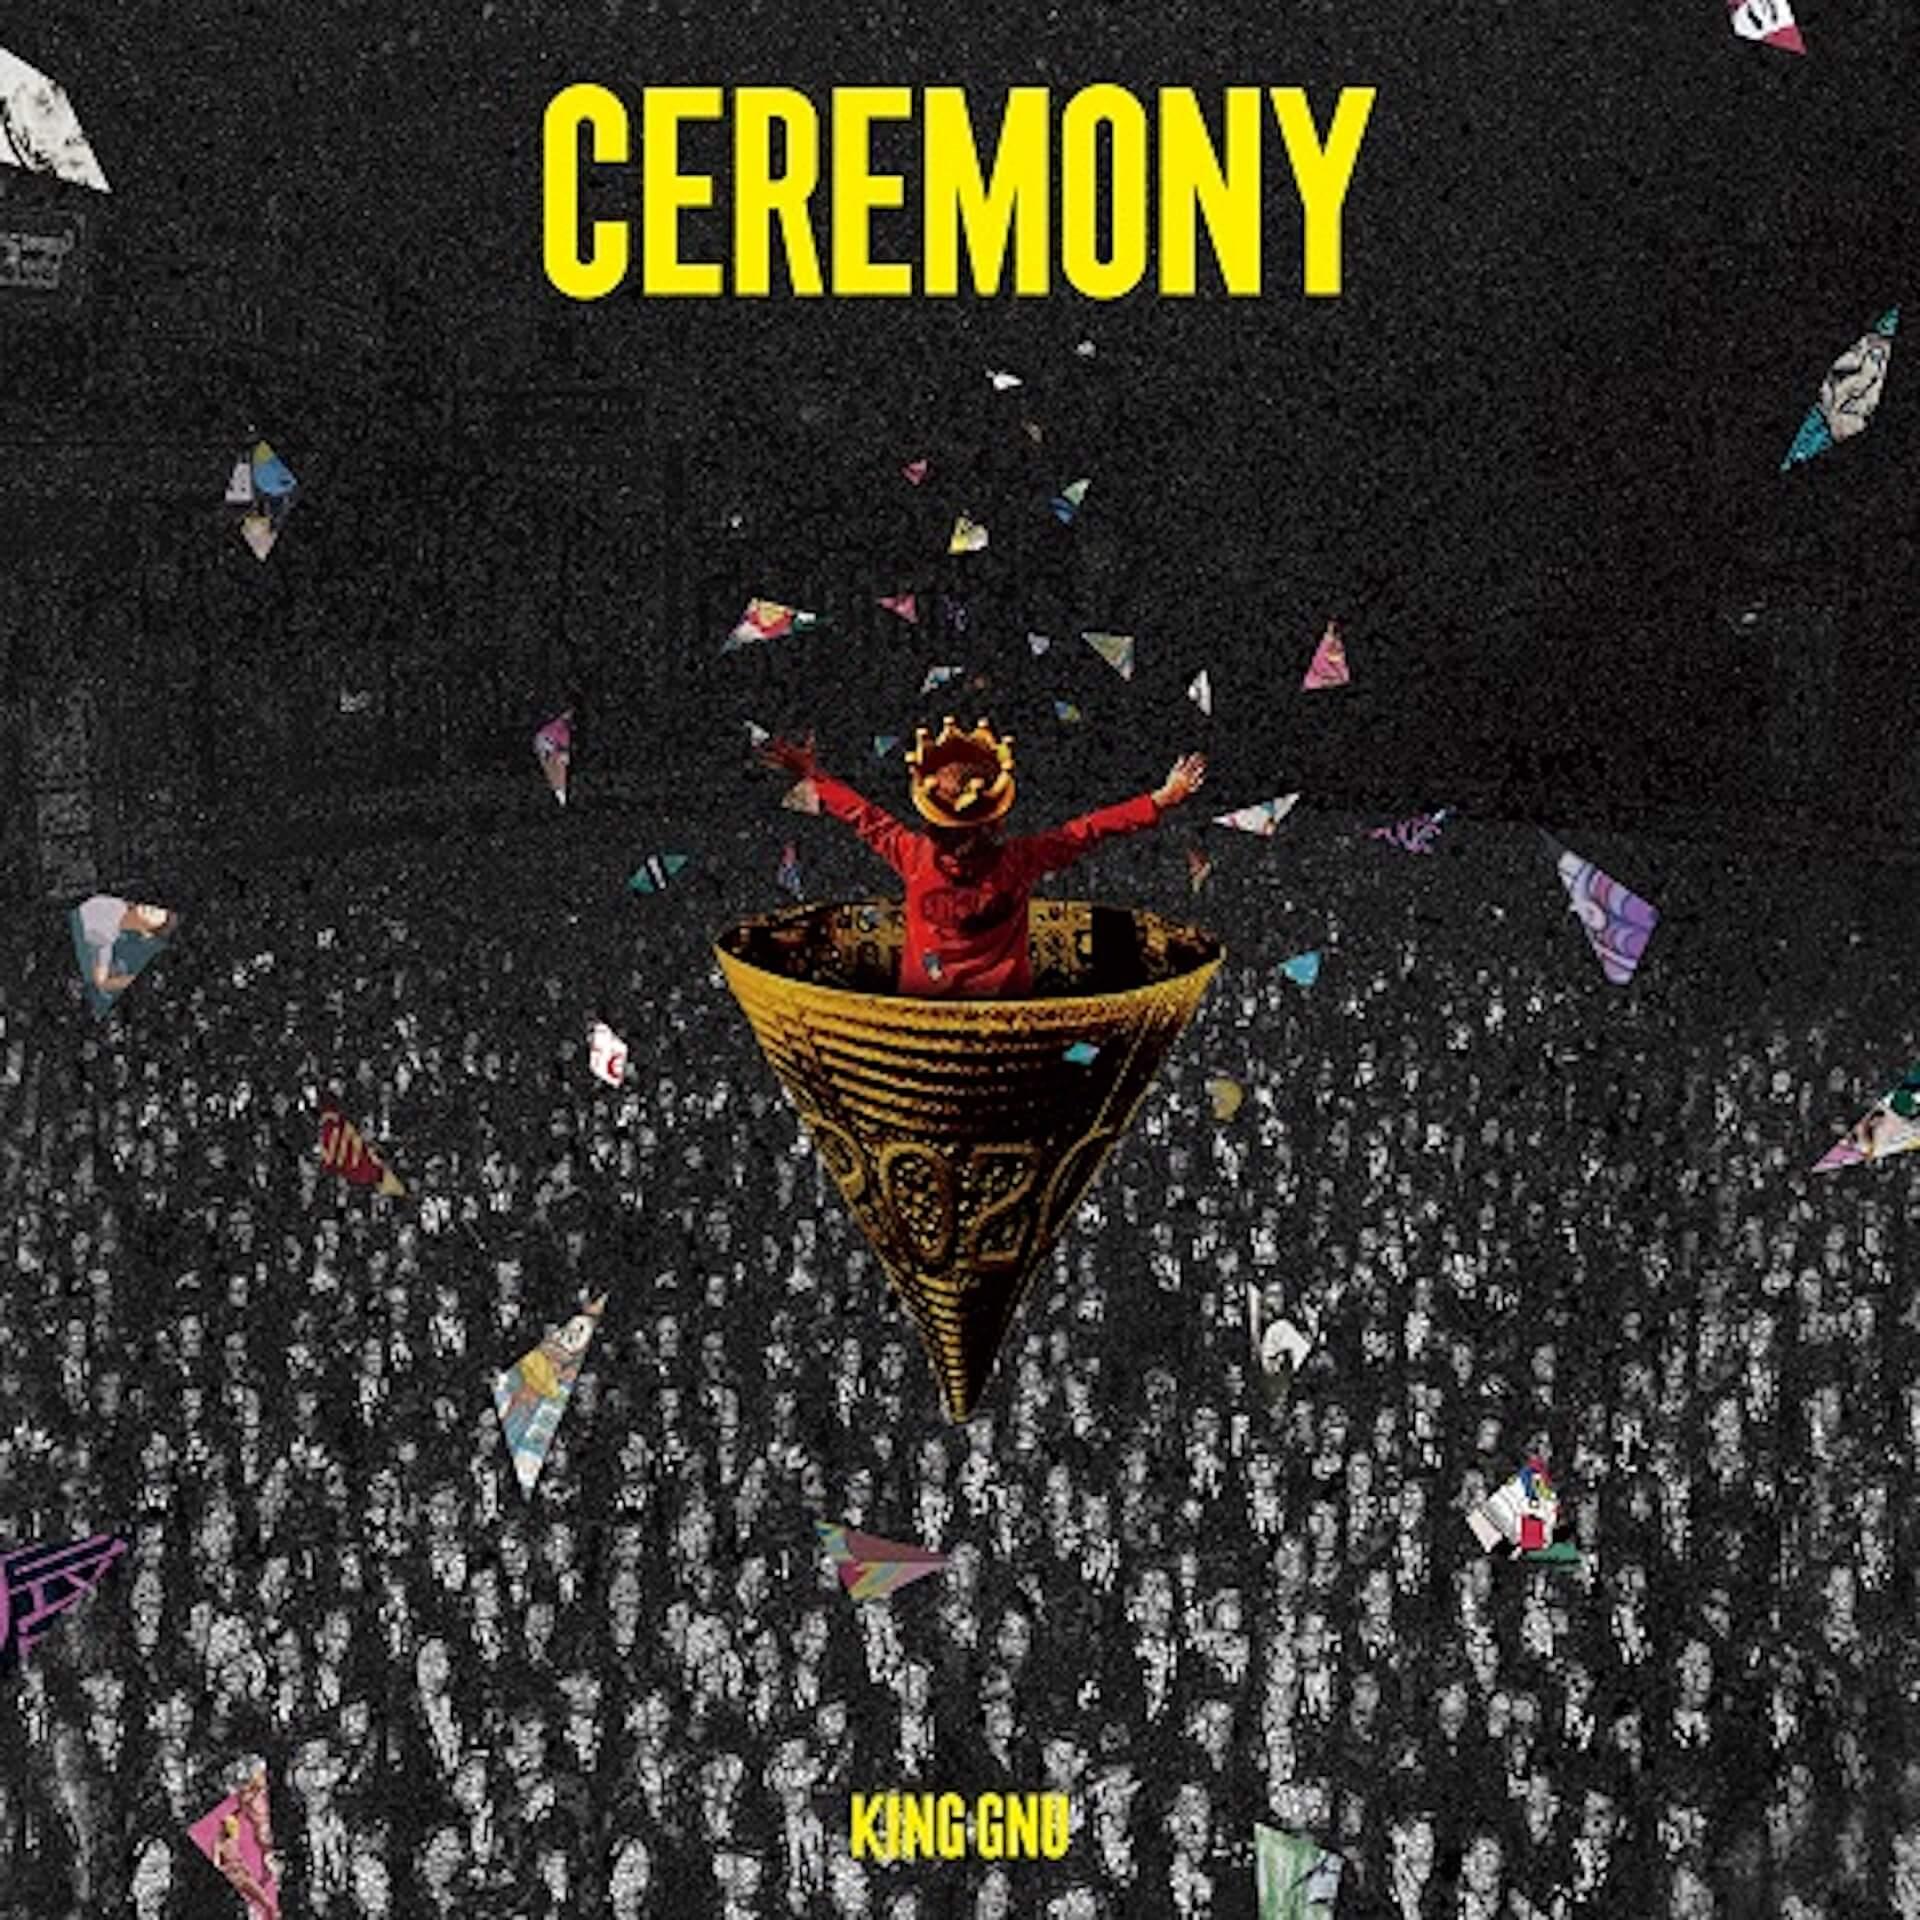 『スマホを落としただけなのに 囚われの殺人鬼』の書き下ろし主題歌がKing Gnu「どろん」に決定!アルバム『CEREMONY』の収録曲も発表 music191212_kinggnu_doron_1